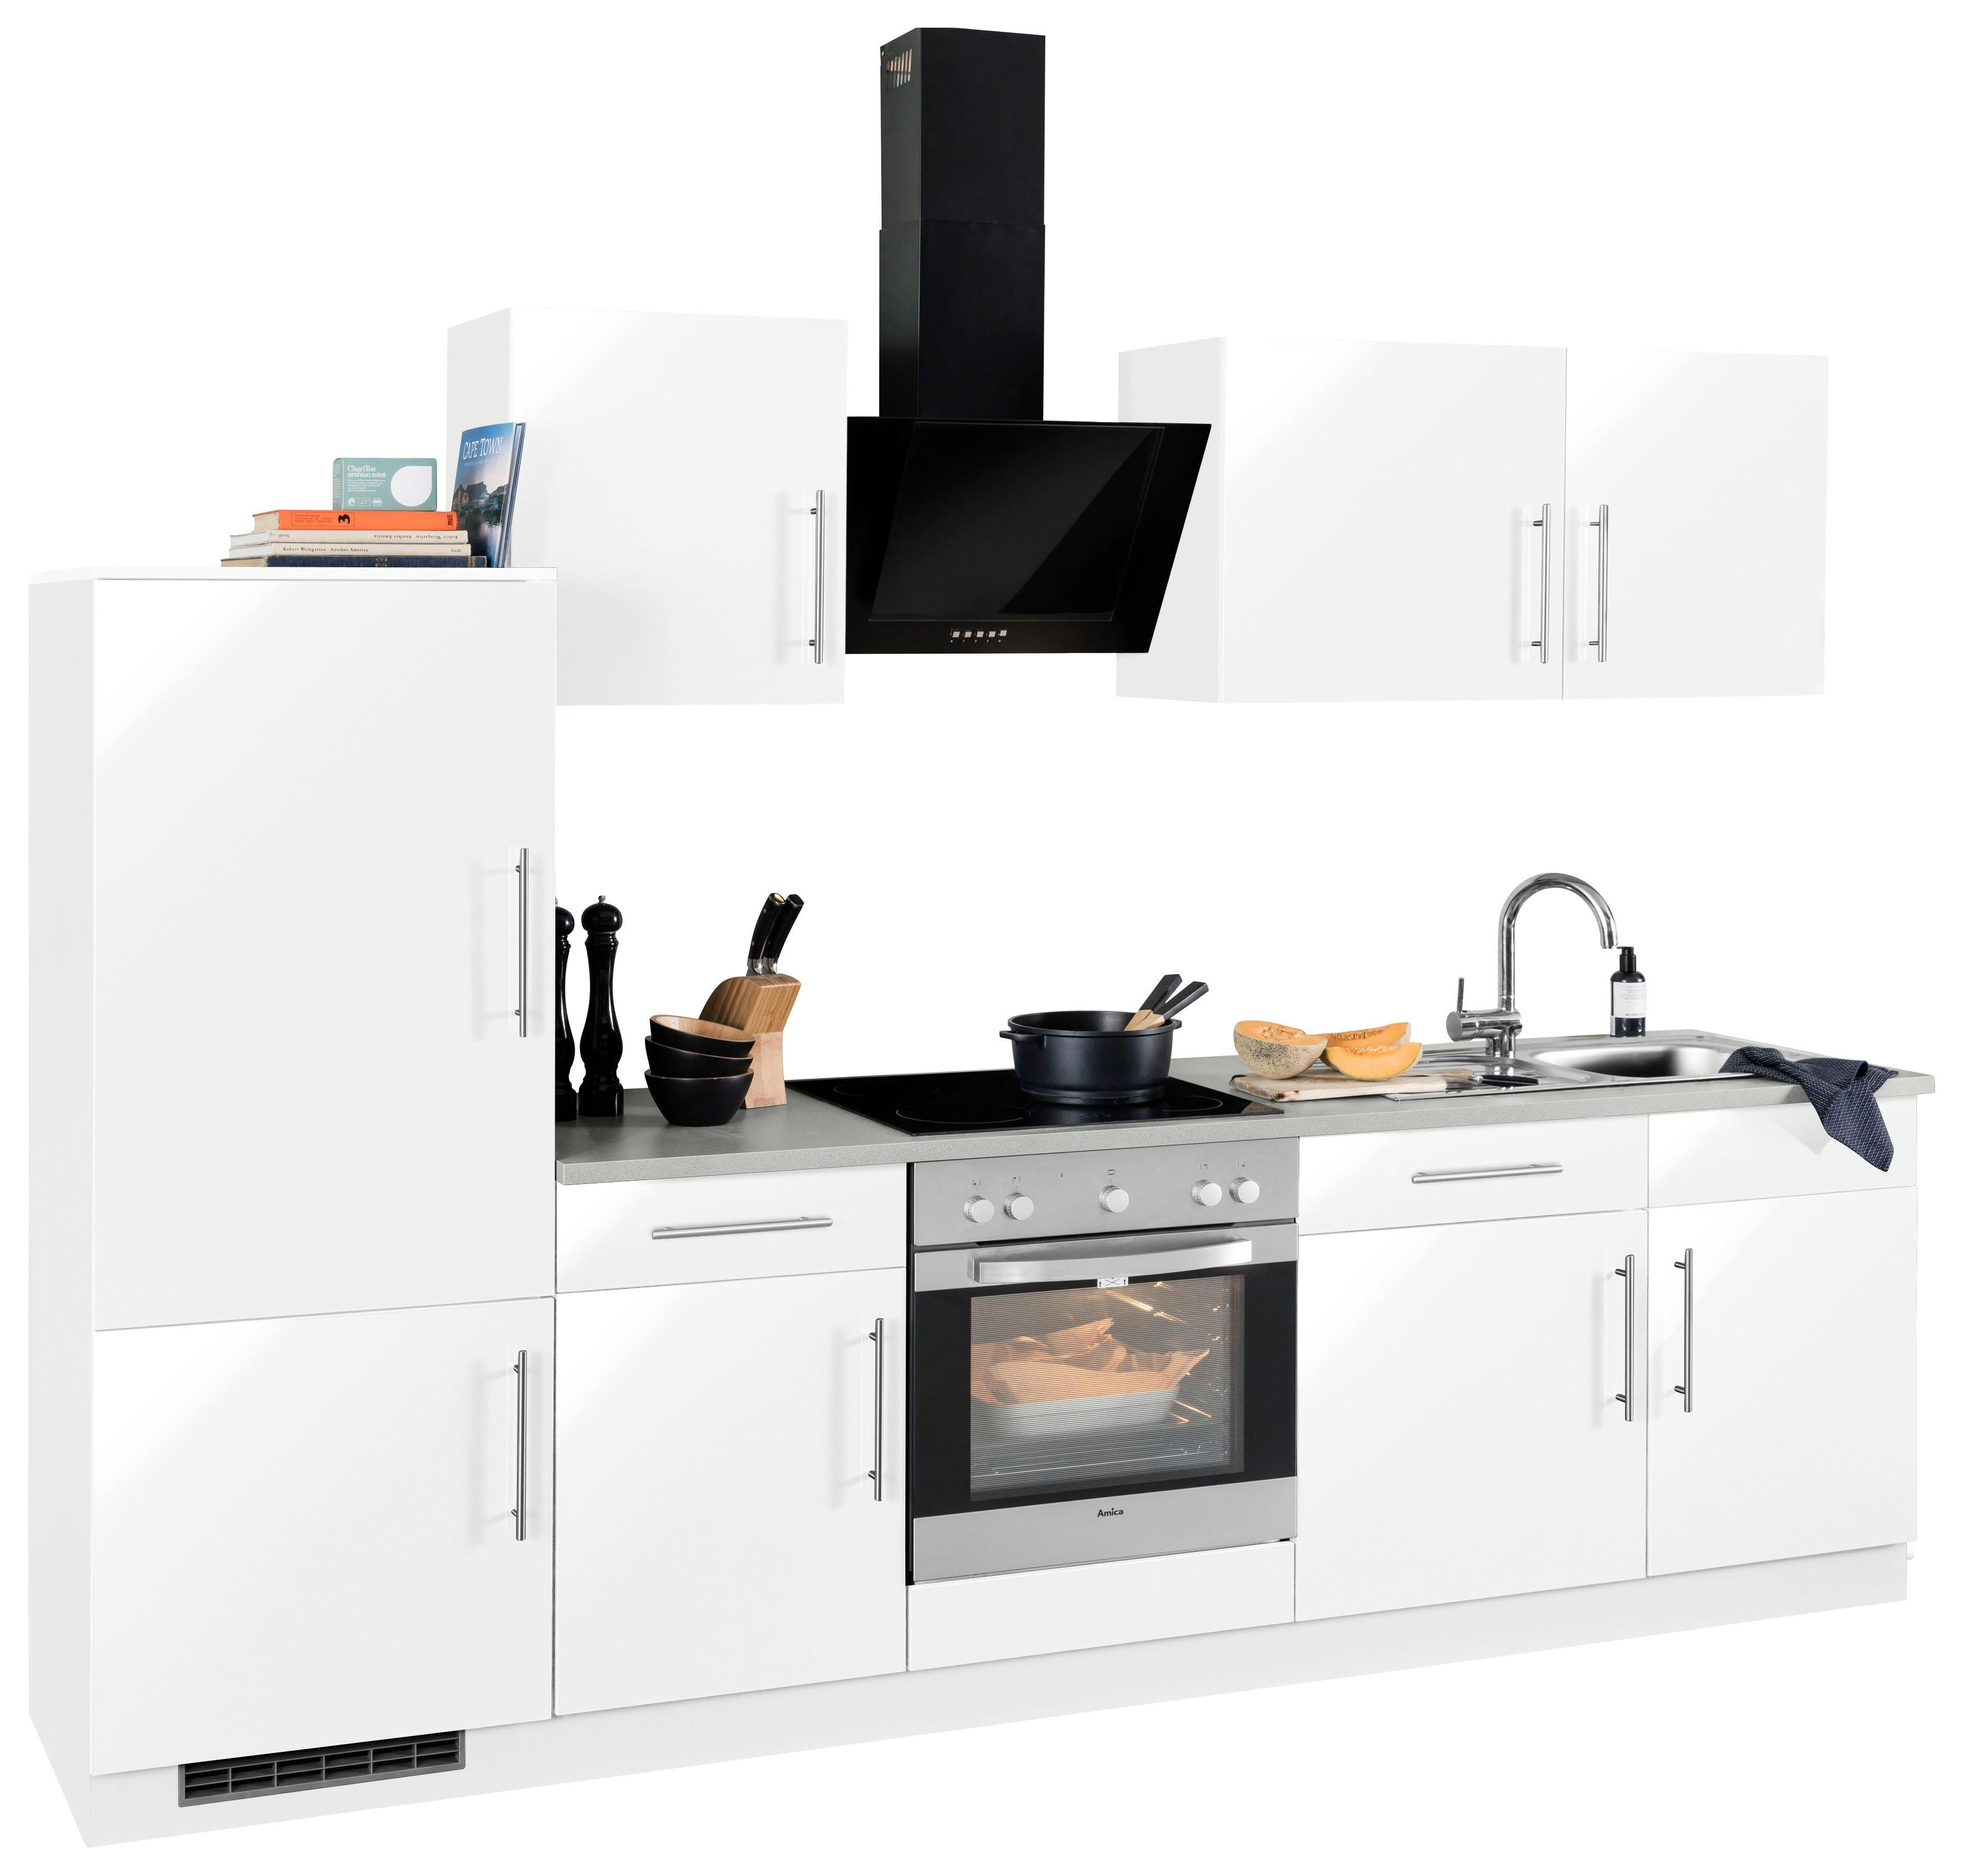 Fein Billigste Küchenschränke Toronto Fotos - Ideen Für Die Küche ...